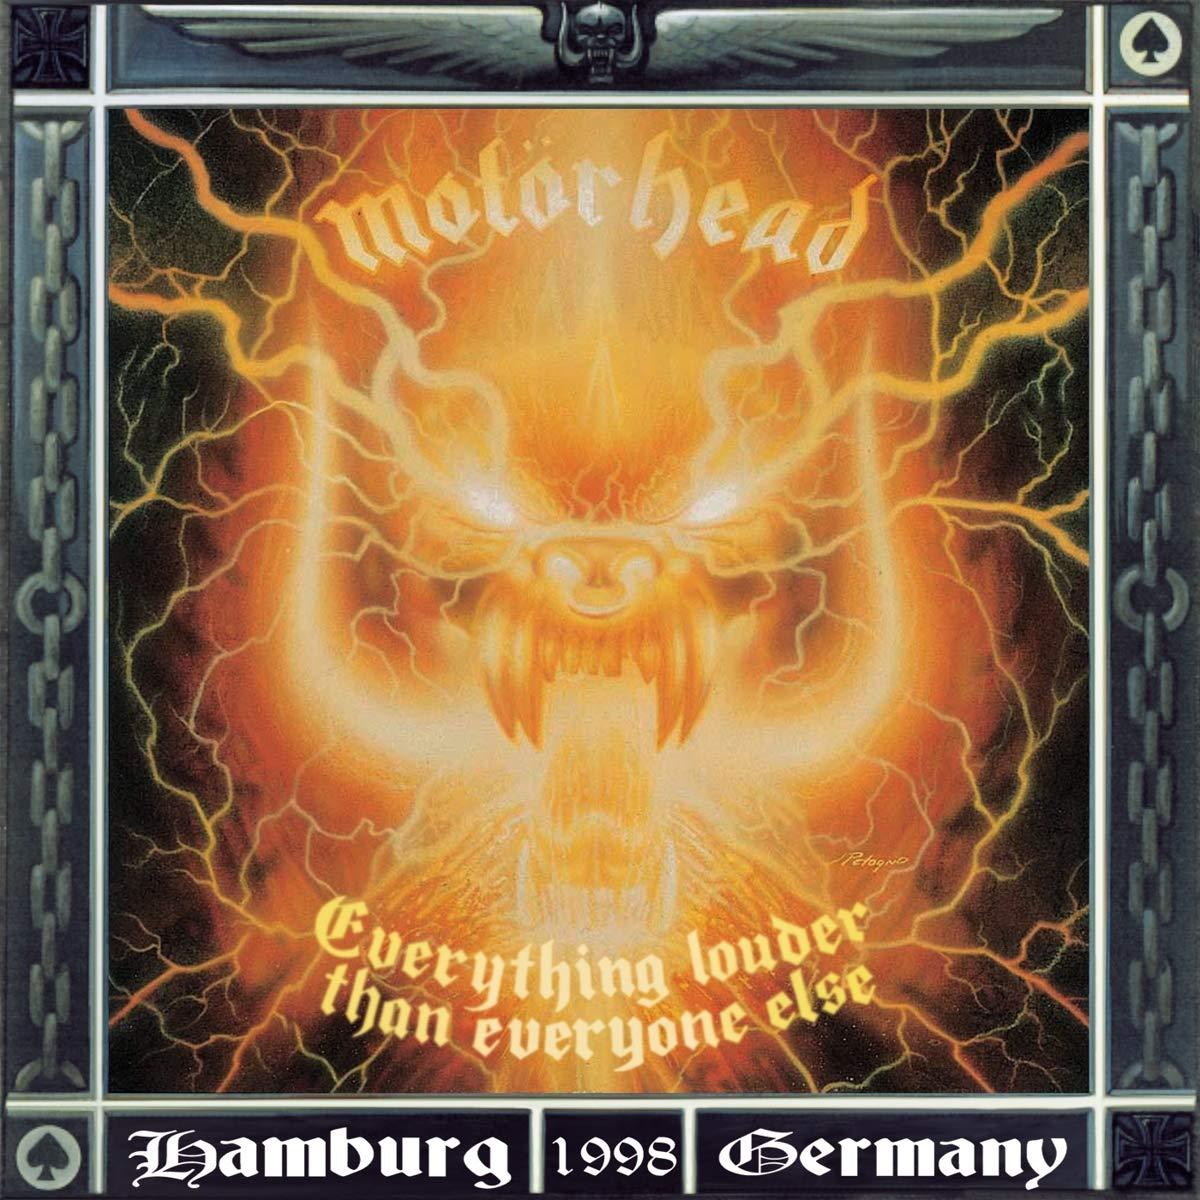 Vinilo : Motorhead - Everything Louder Than Everyone Else (LP Vinyl)